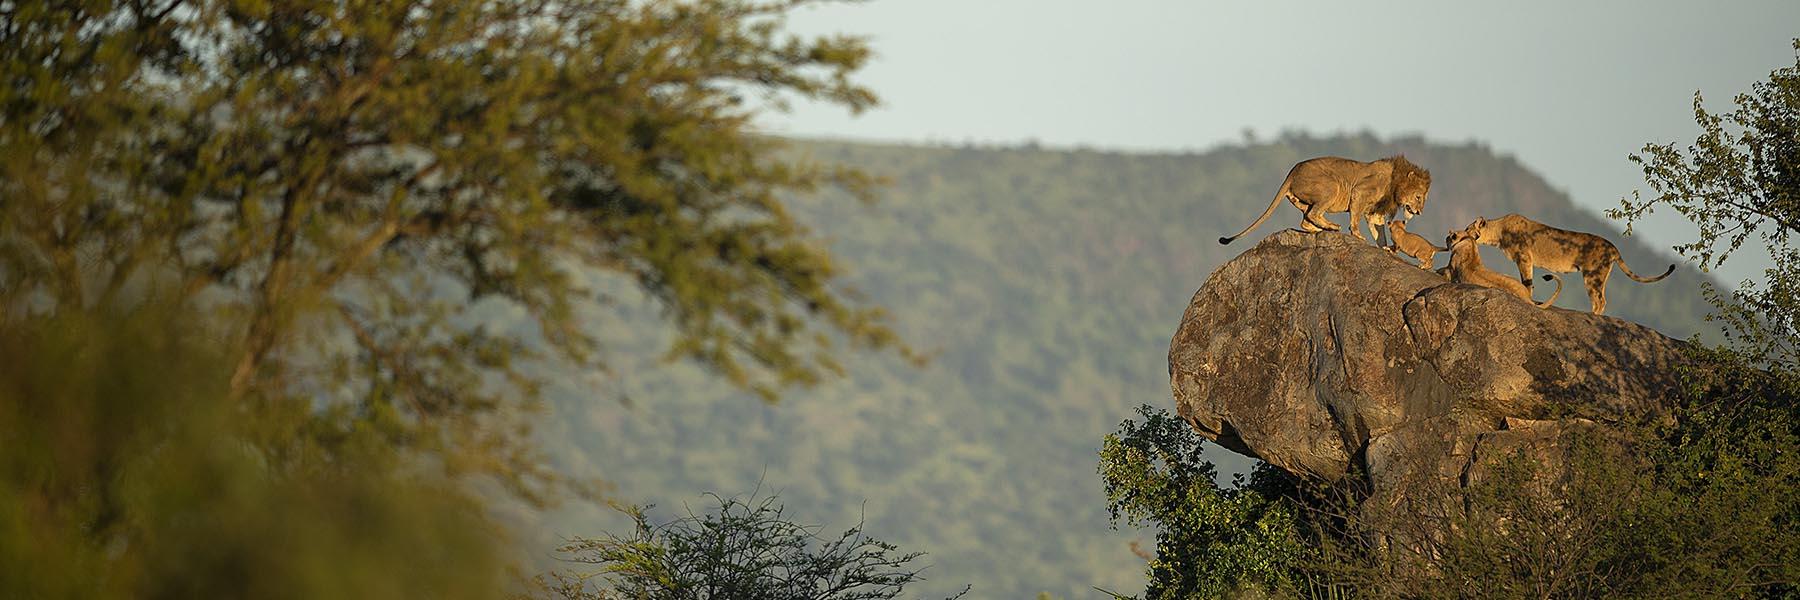 Serengeti and Ngorongoro